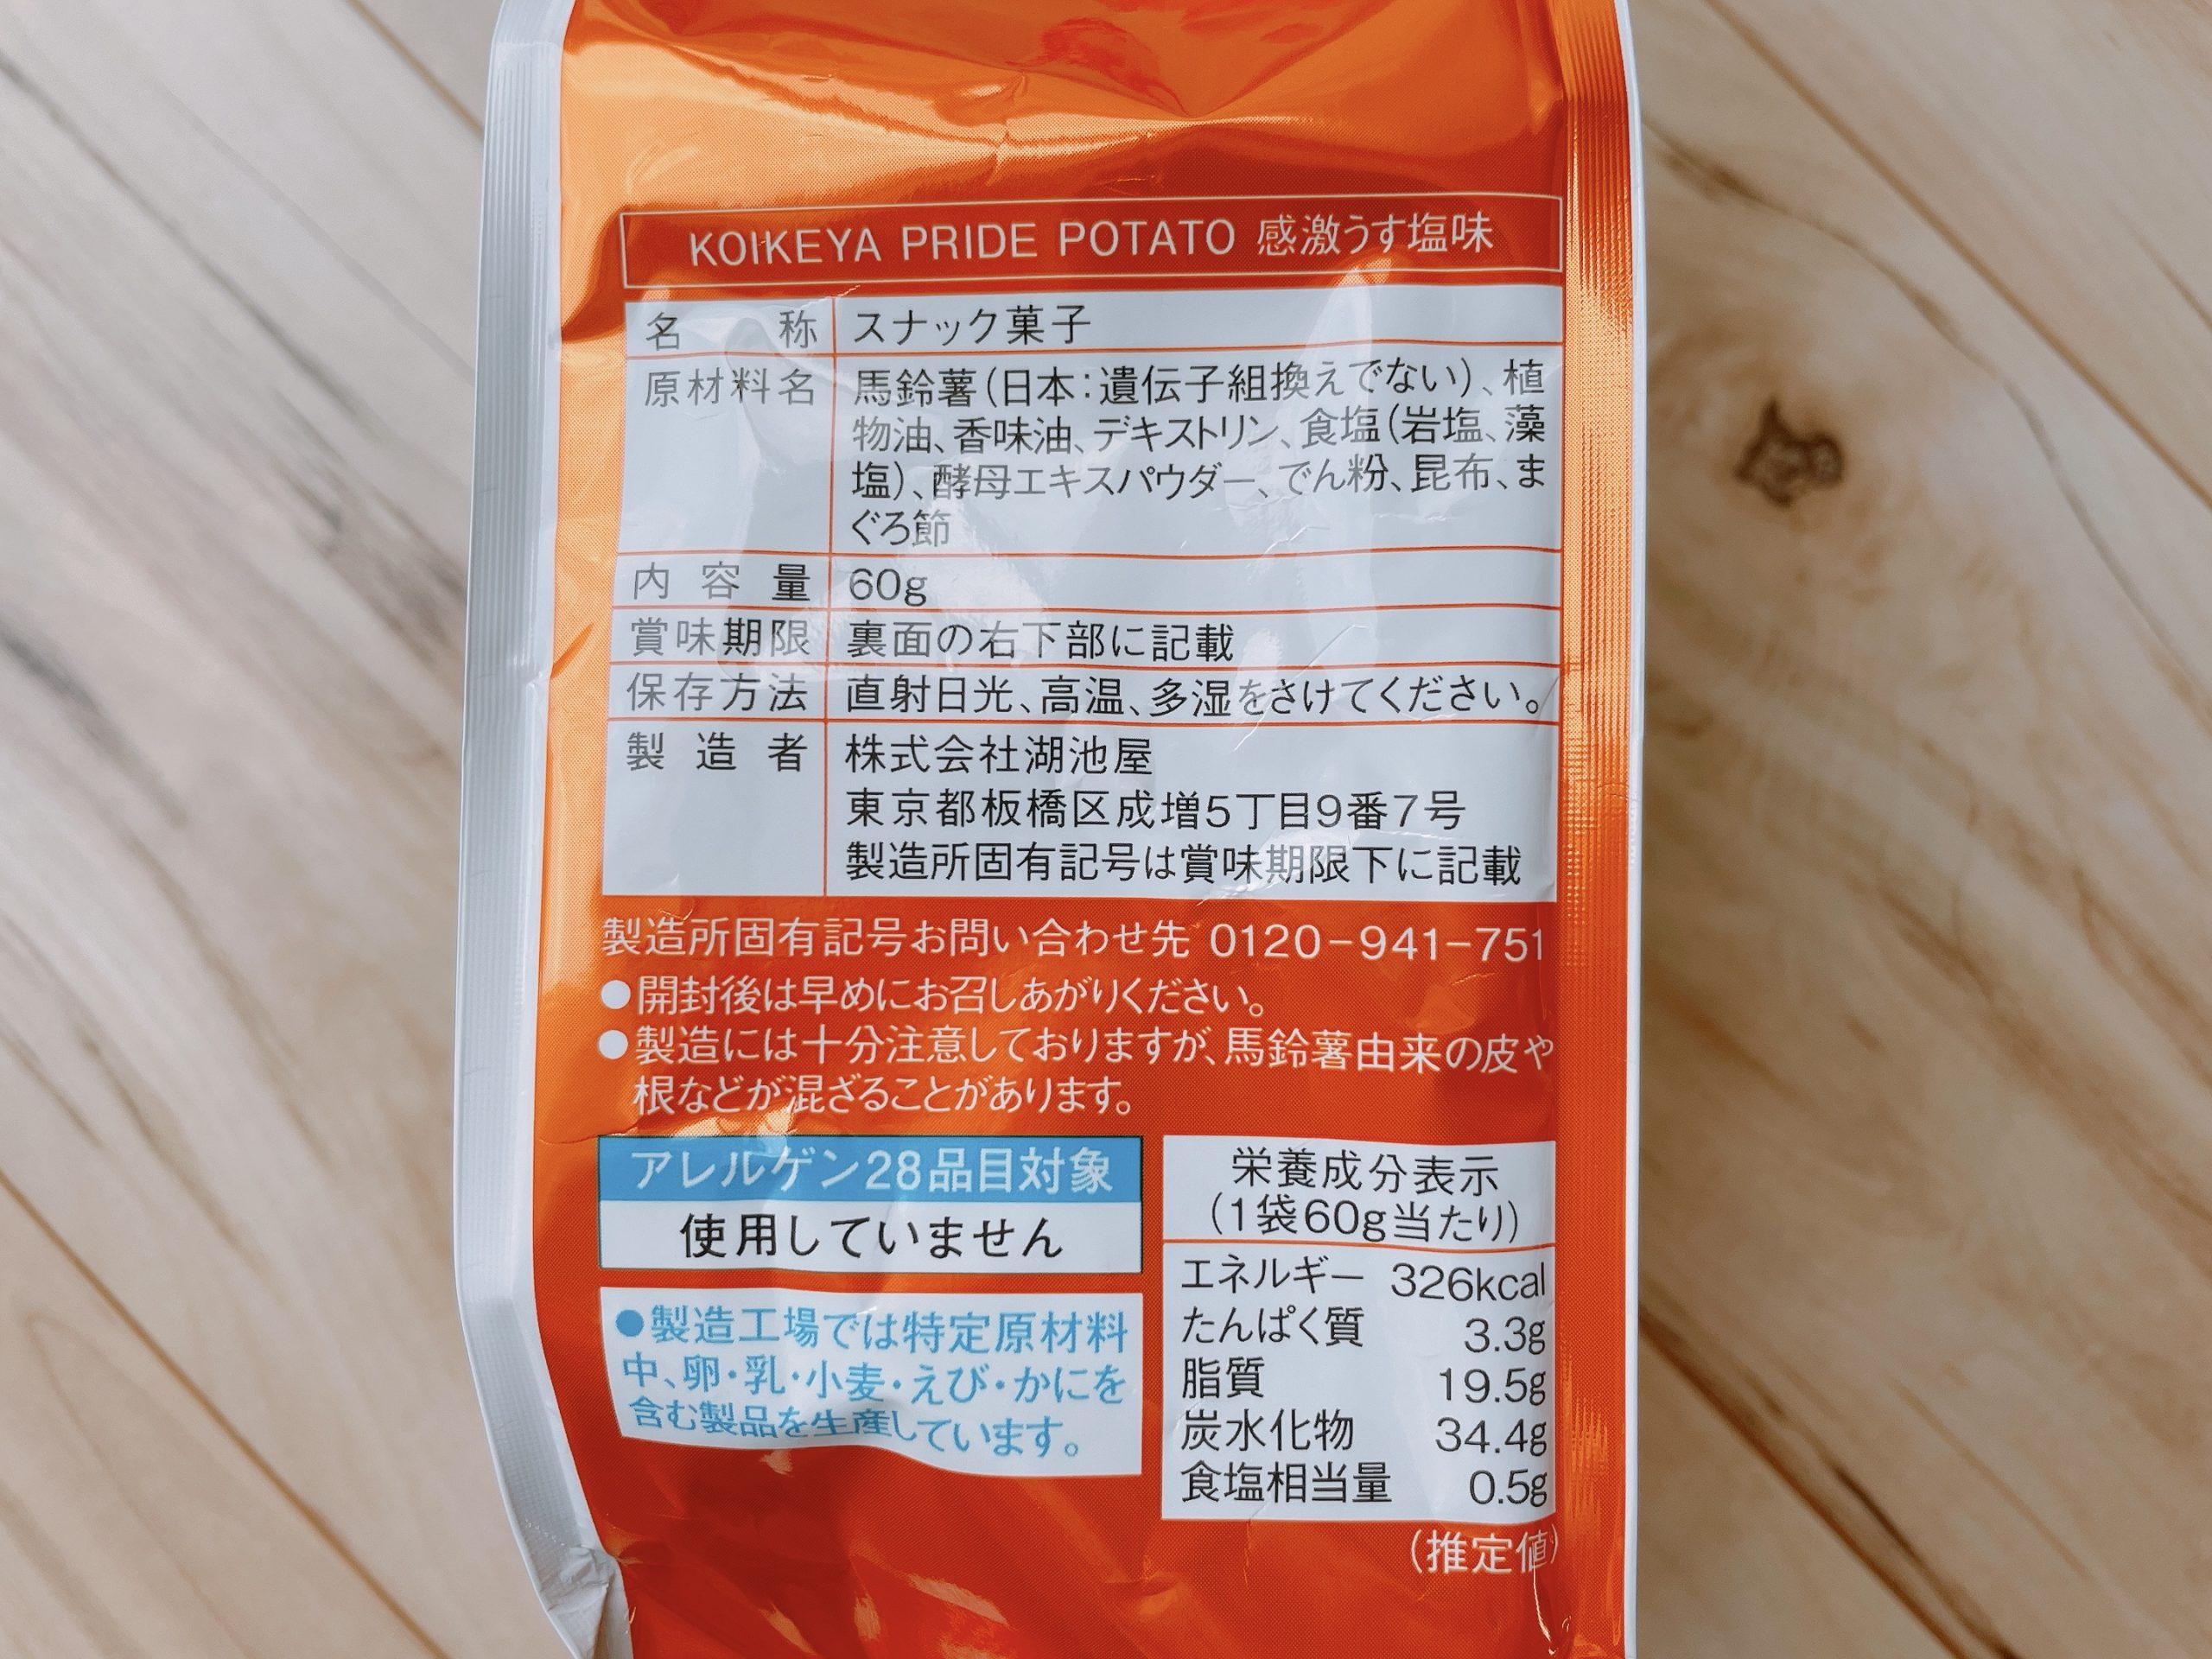 プライドポテト<感激うす塩味>の原材料やカロリーなど